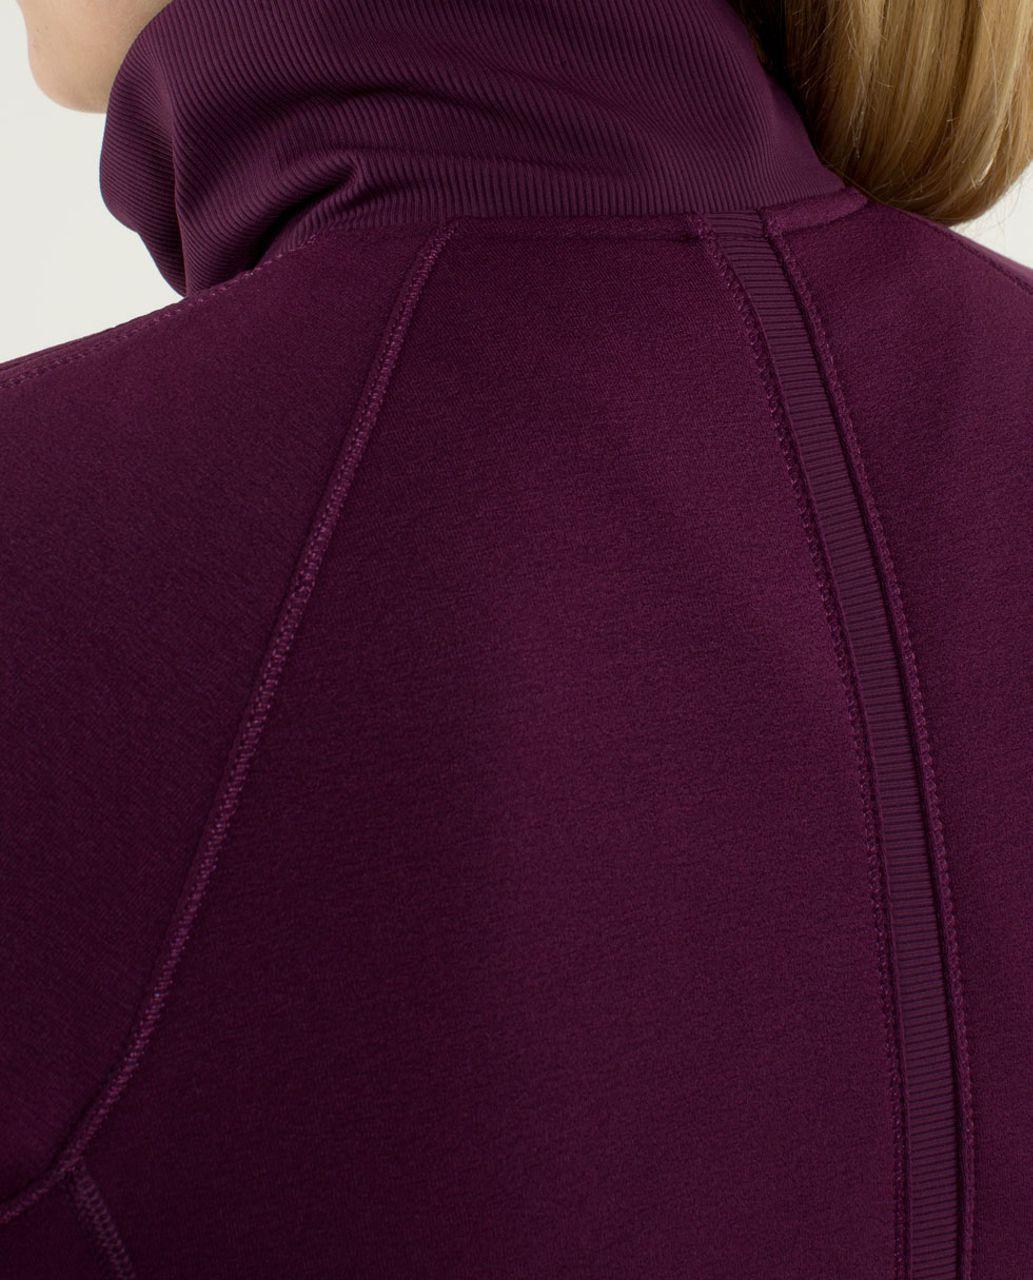 Lululemon Keep It Cozy Jacket - Plum